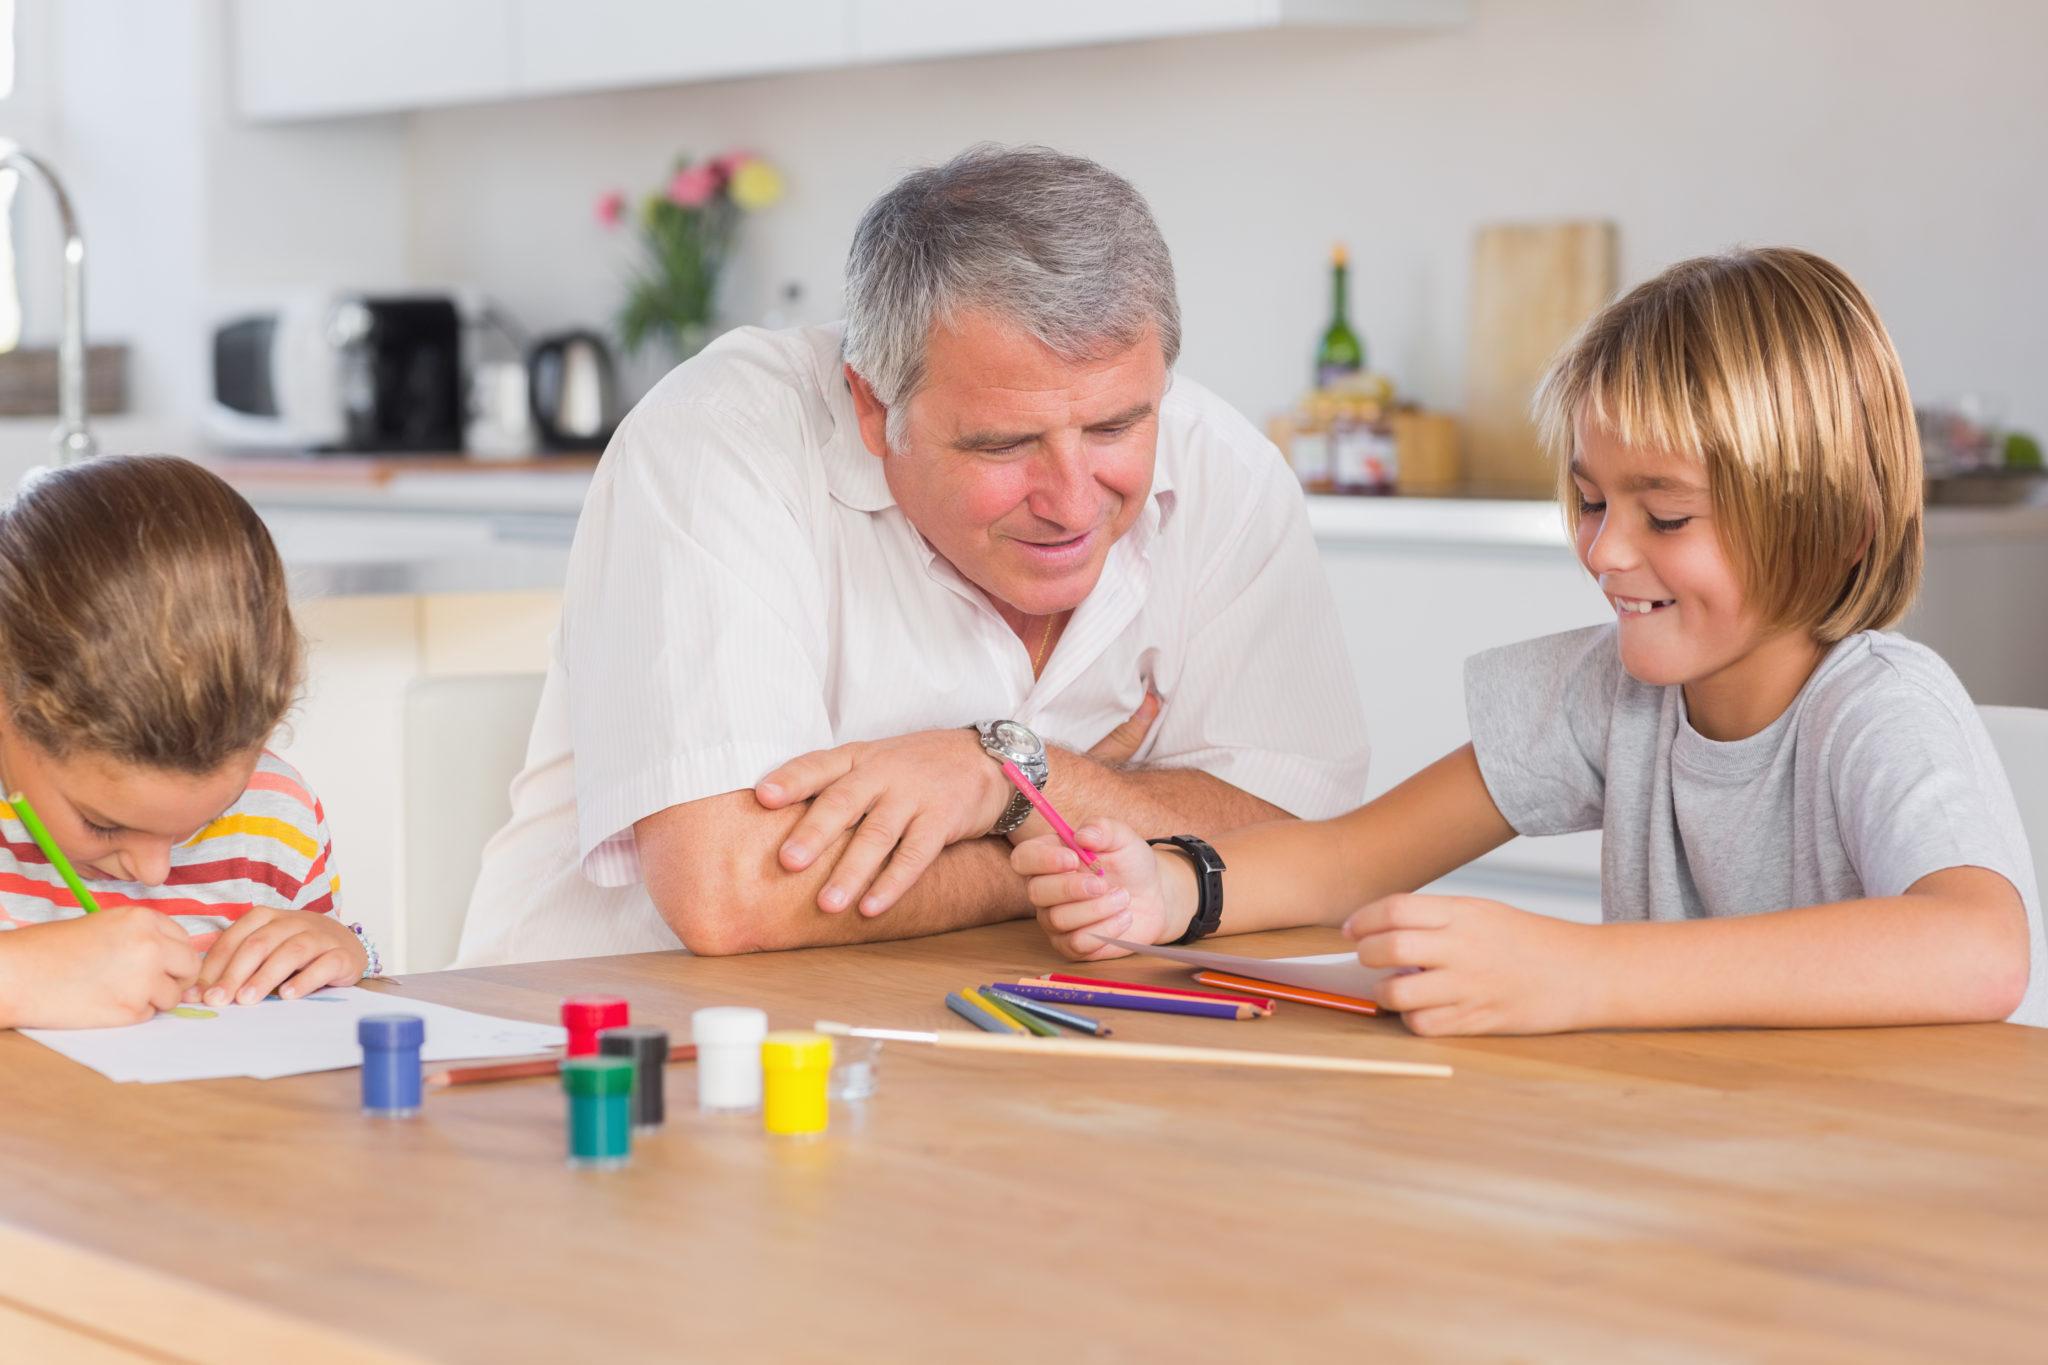 Activités à faire avec enfants été - coloriage - Bazile Telecom